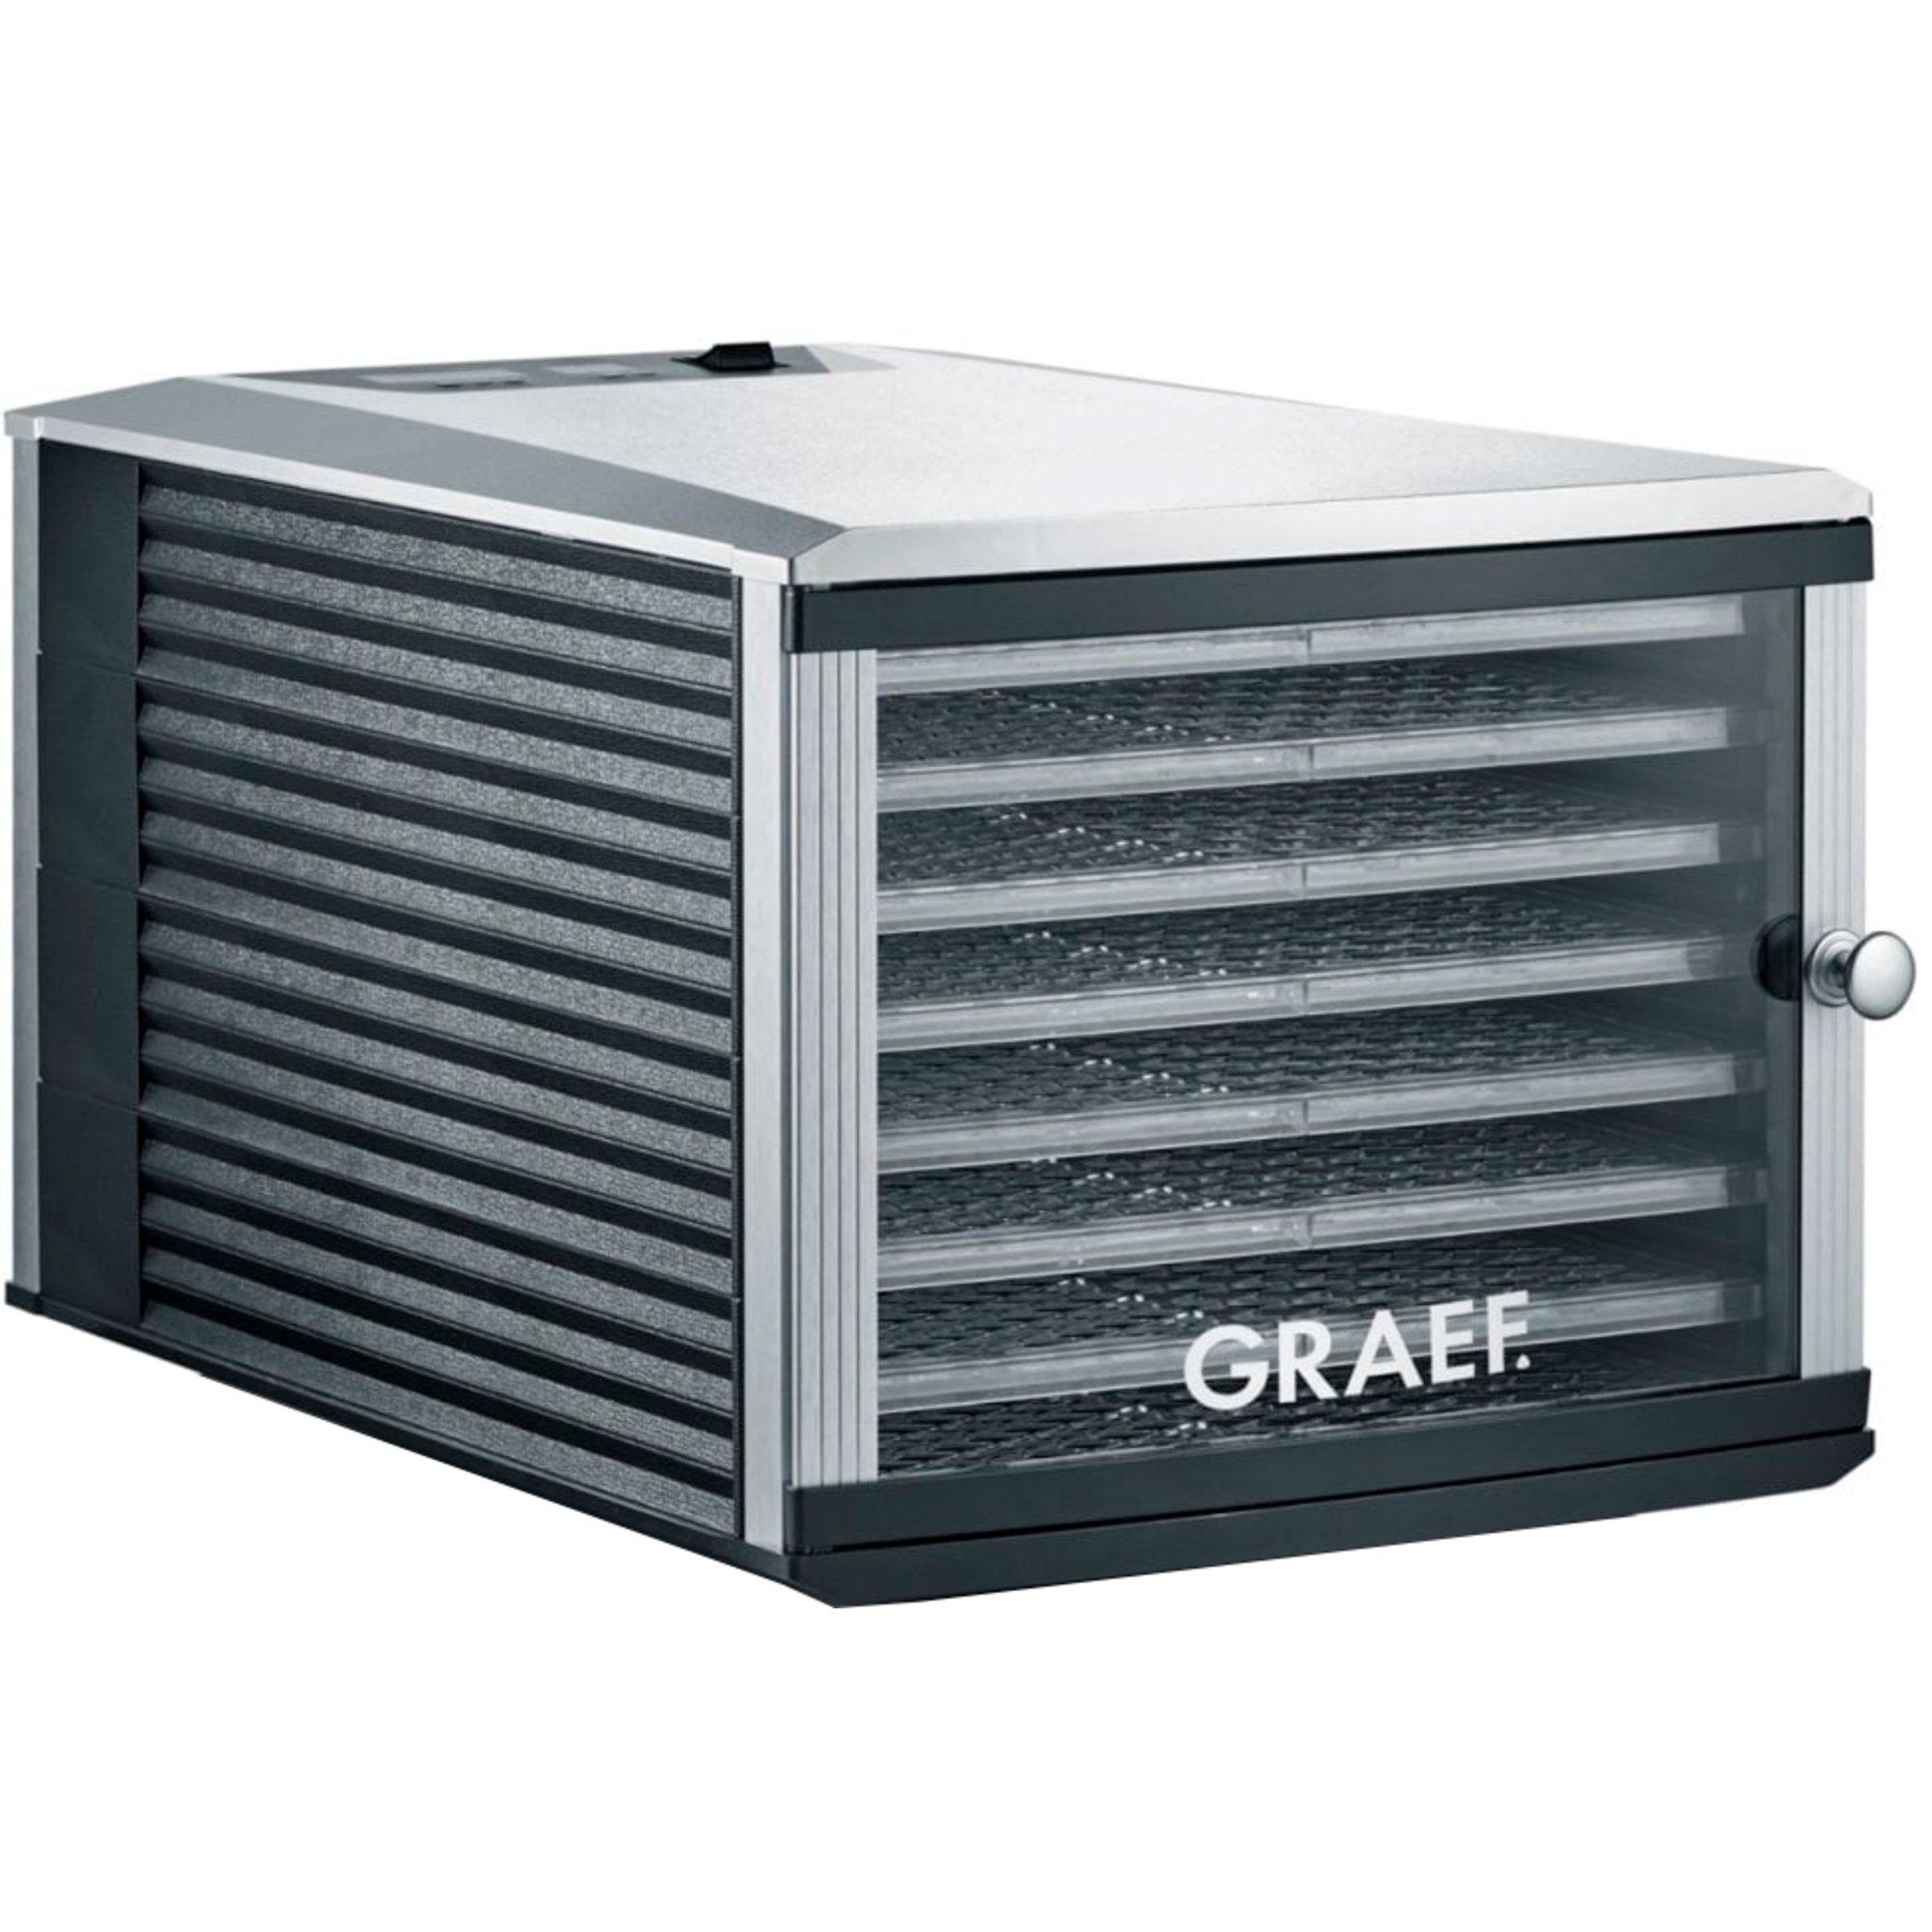 Graef GRDA508 Dehydrator 8 brickor